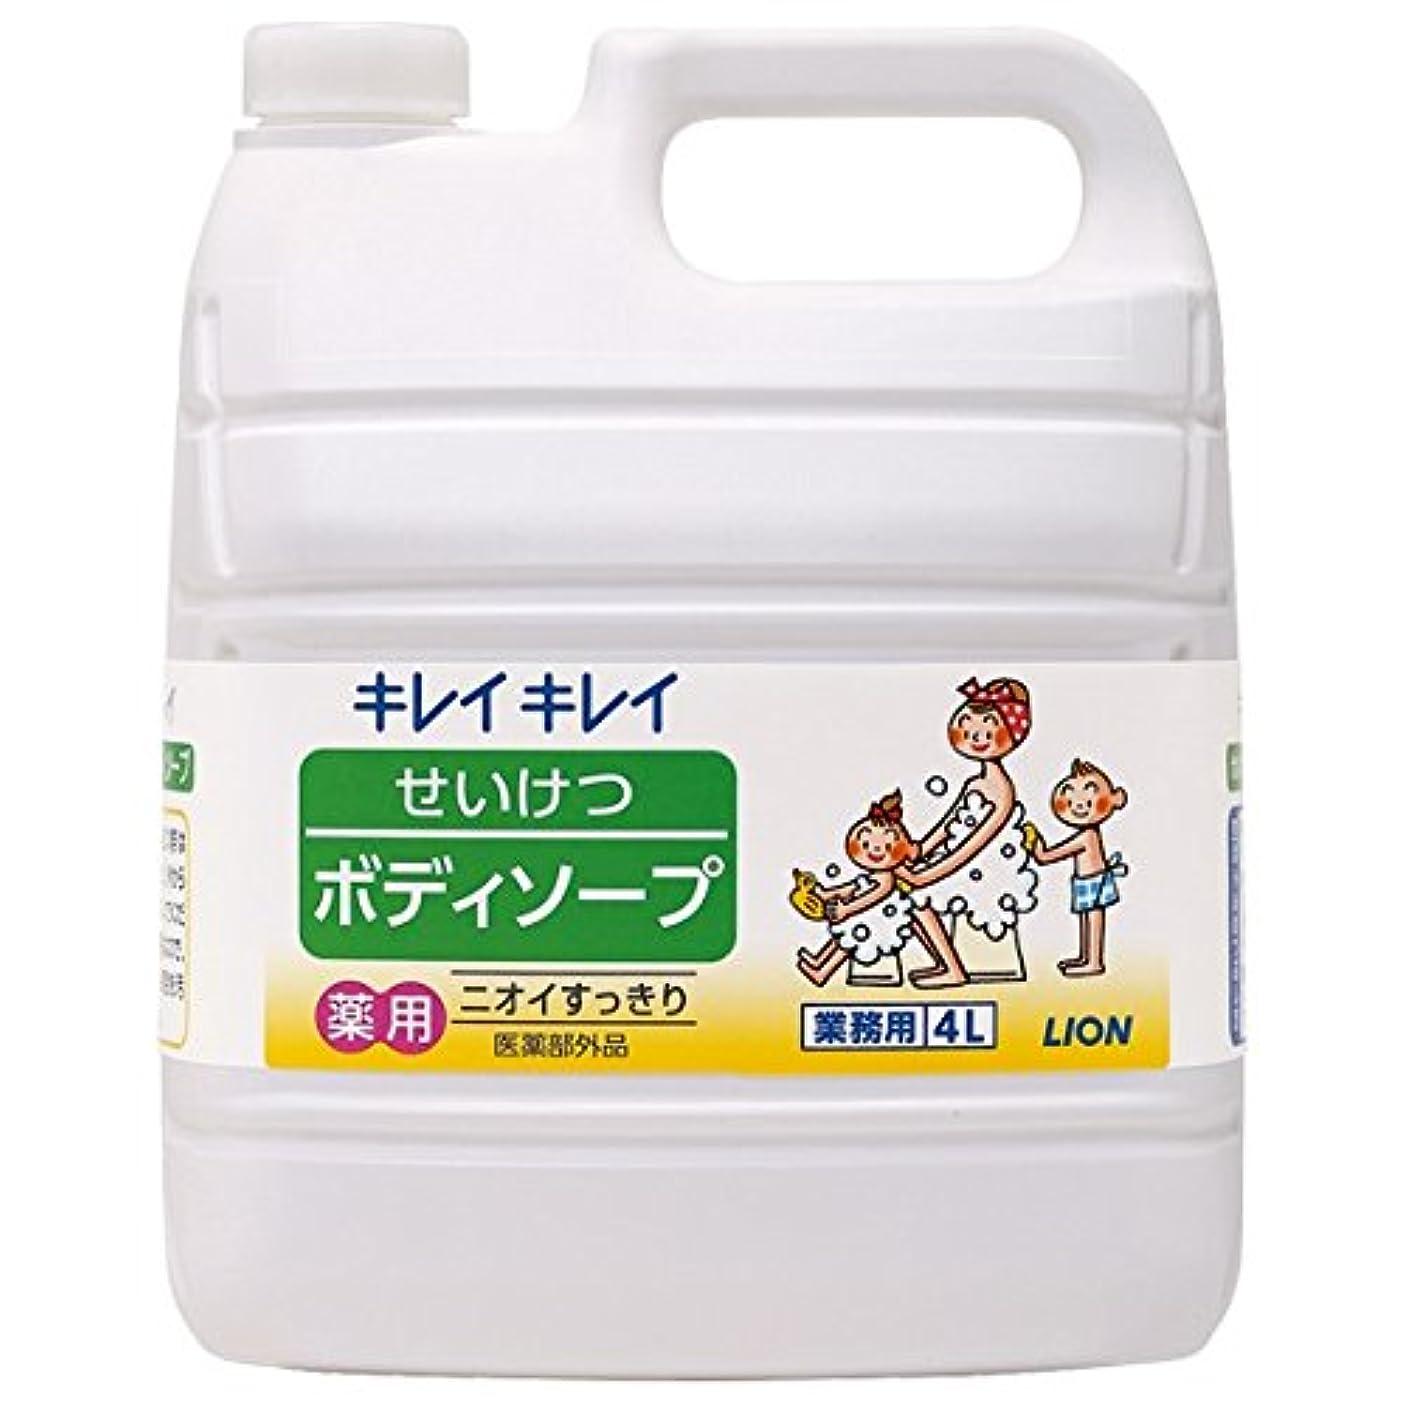 花に水をやるヤギデコラティブライオン キレイキレイ せいけつボディソープ さわやかなレモン&オレンジの香り 業務用 4L×3本